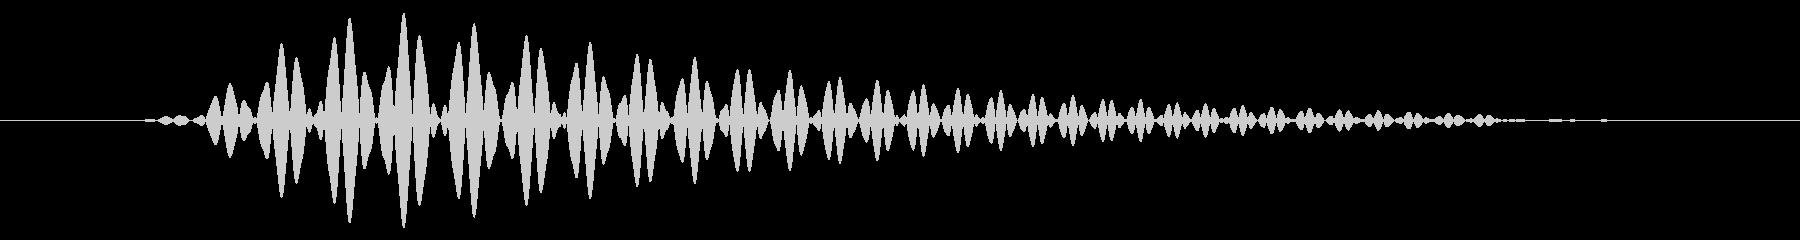 ひょい/戻る/柔らかいの未再生の波形